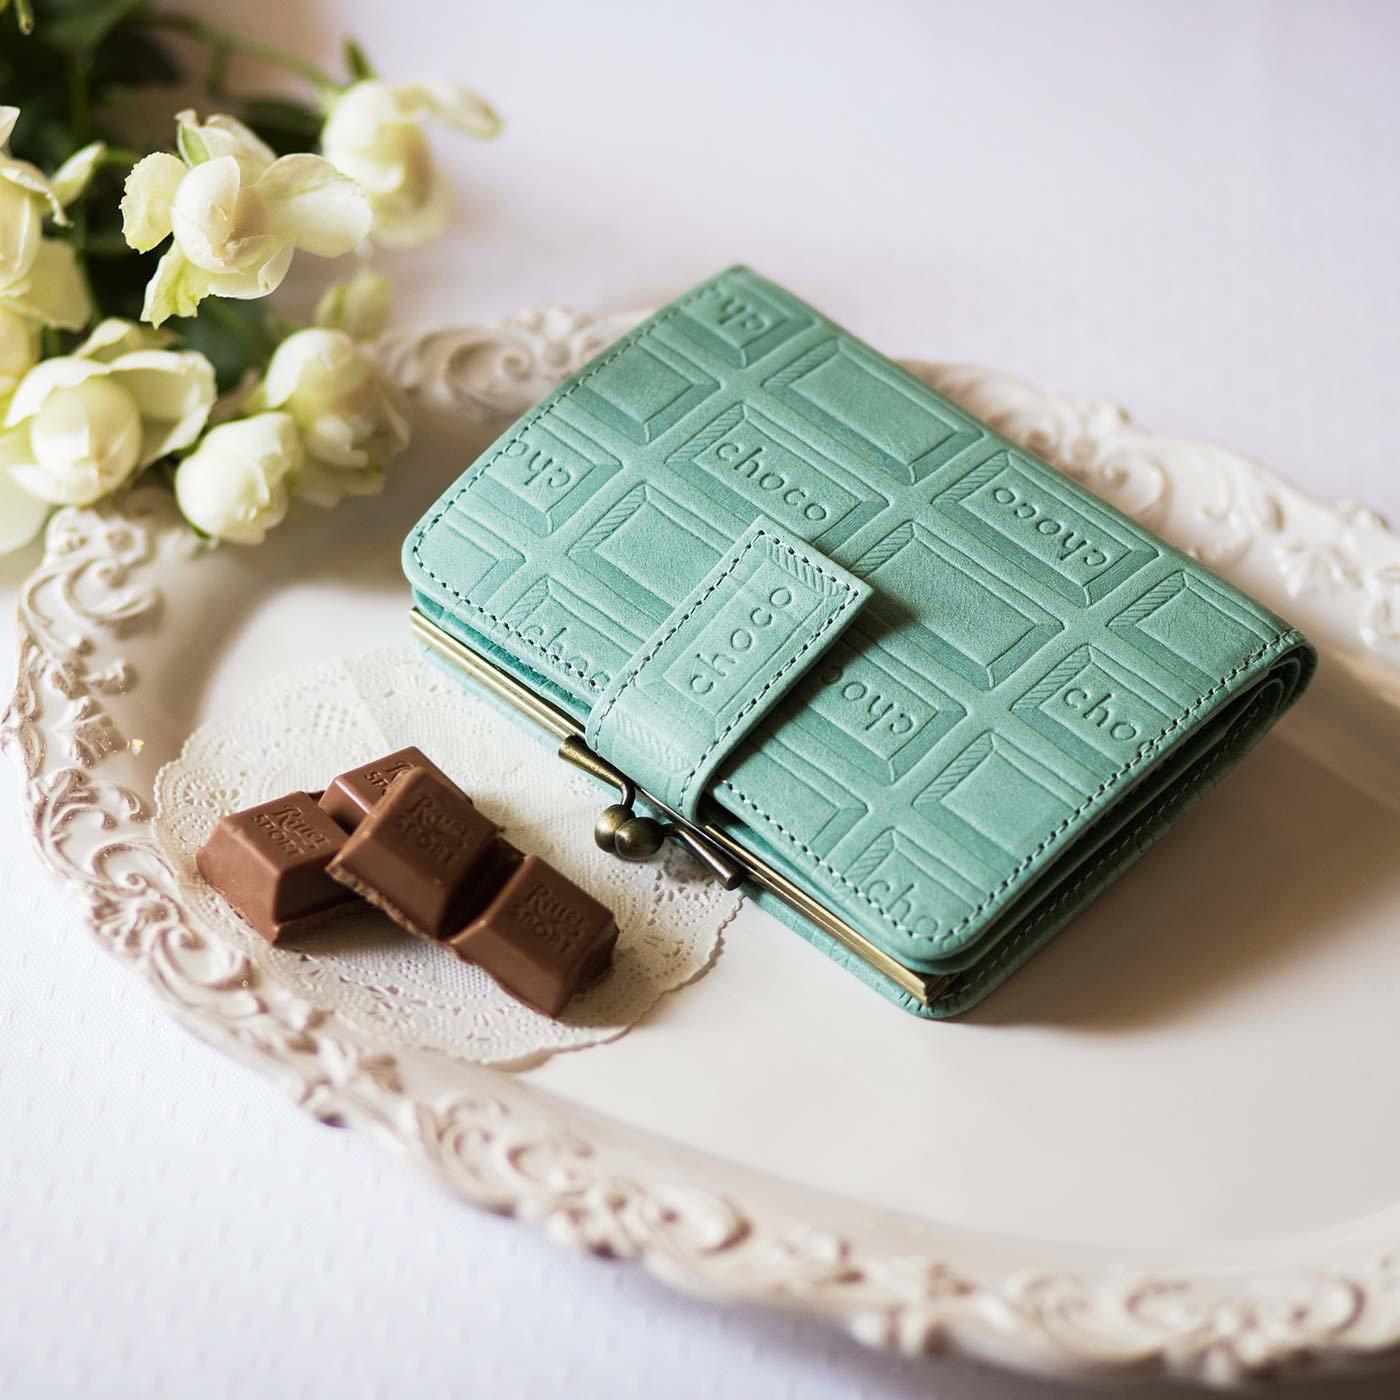 チョコレートバイヤーとコラボ! チョコ型押しで誂(あつら)えた 本革がま口付き折り財布〈ミントブルー〉[本革 二つ折り財布:日本製]